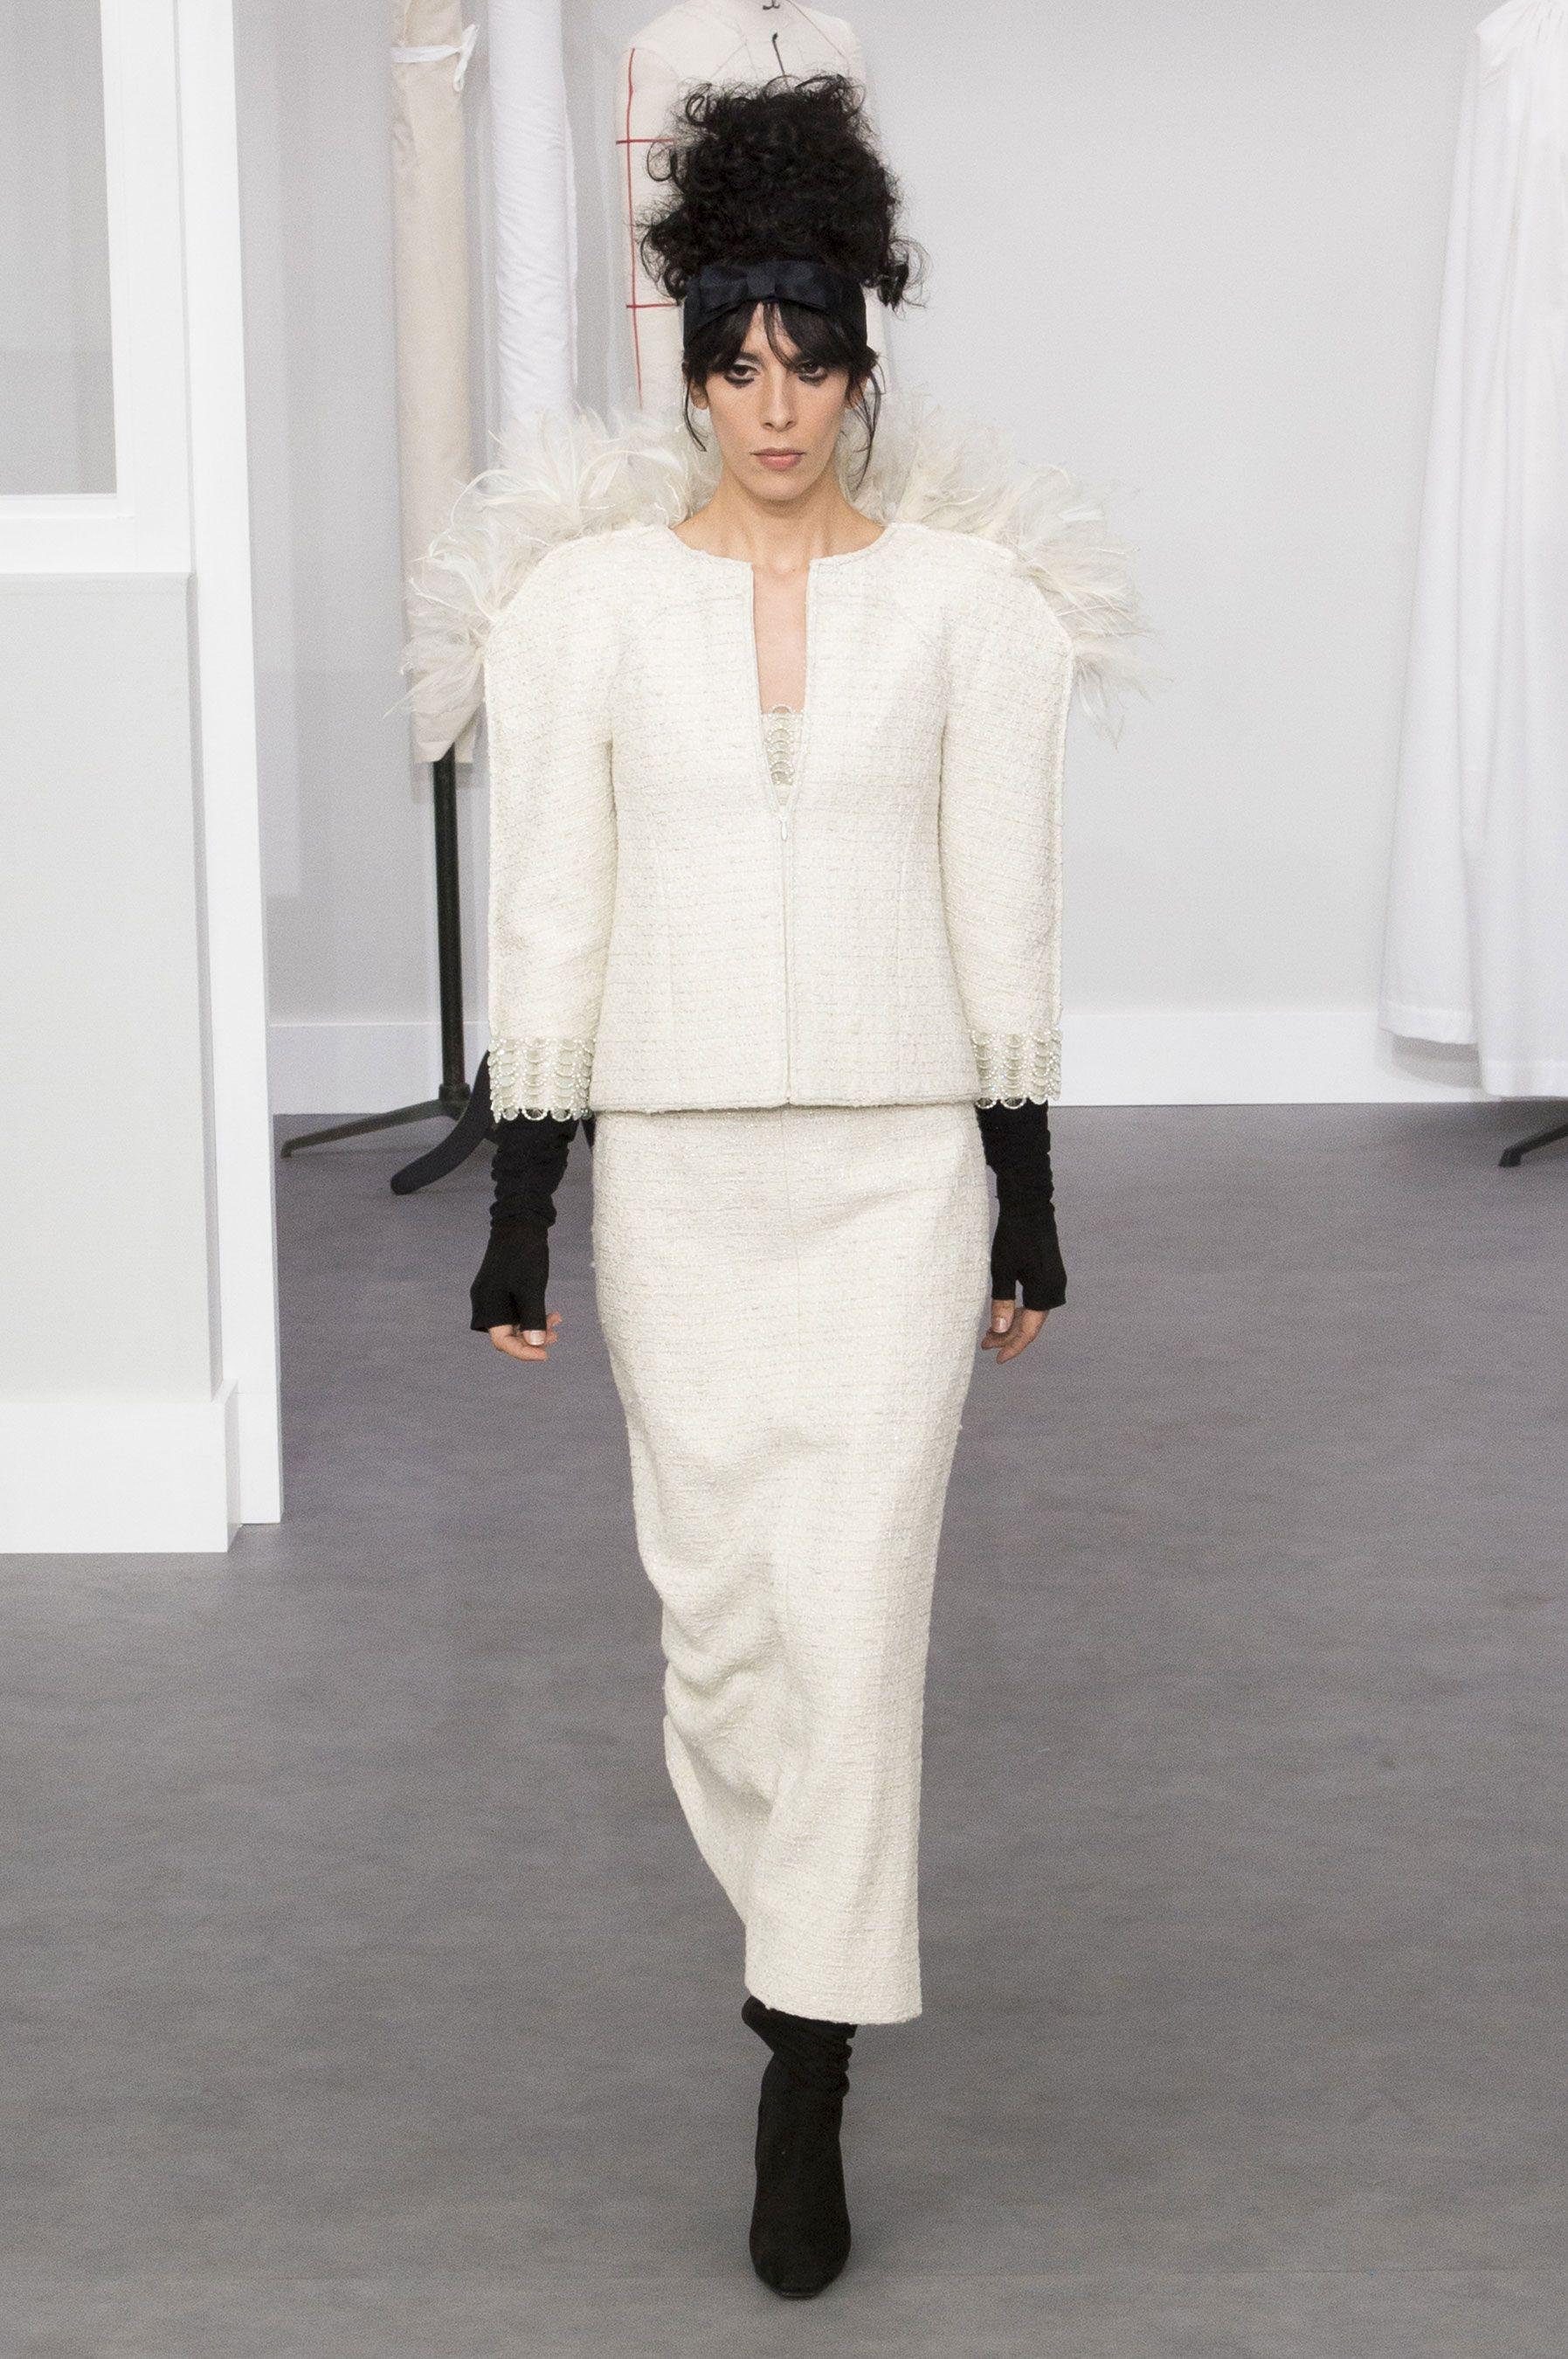 Chanel couture autumn/winter 2016 - HarpersBAZAAR.co.uk